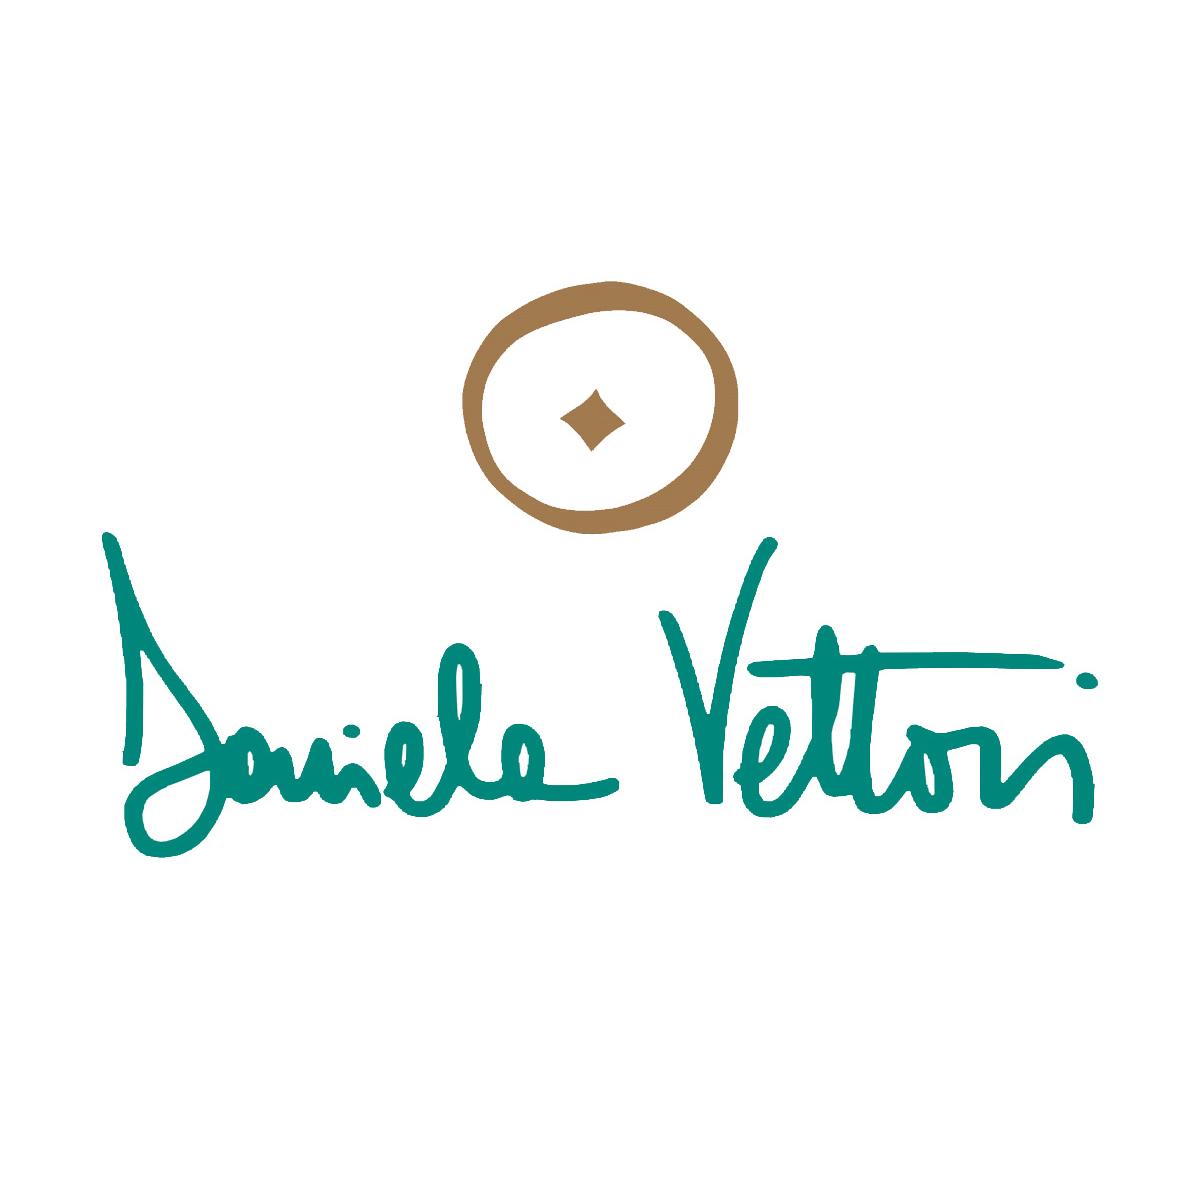 daniela-vettori-orafi-e-gioiellieri-vicenza-profile